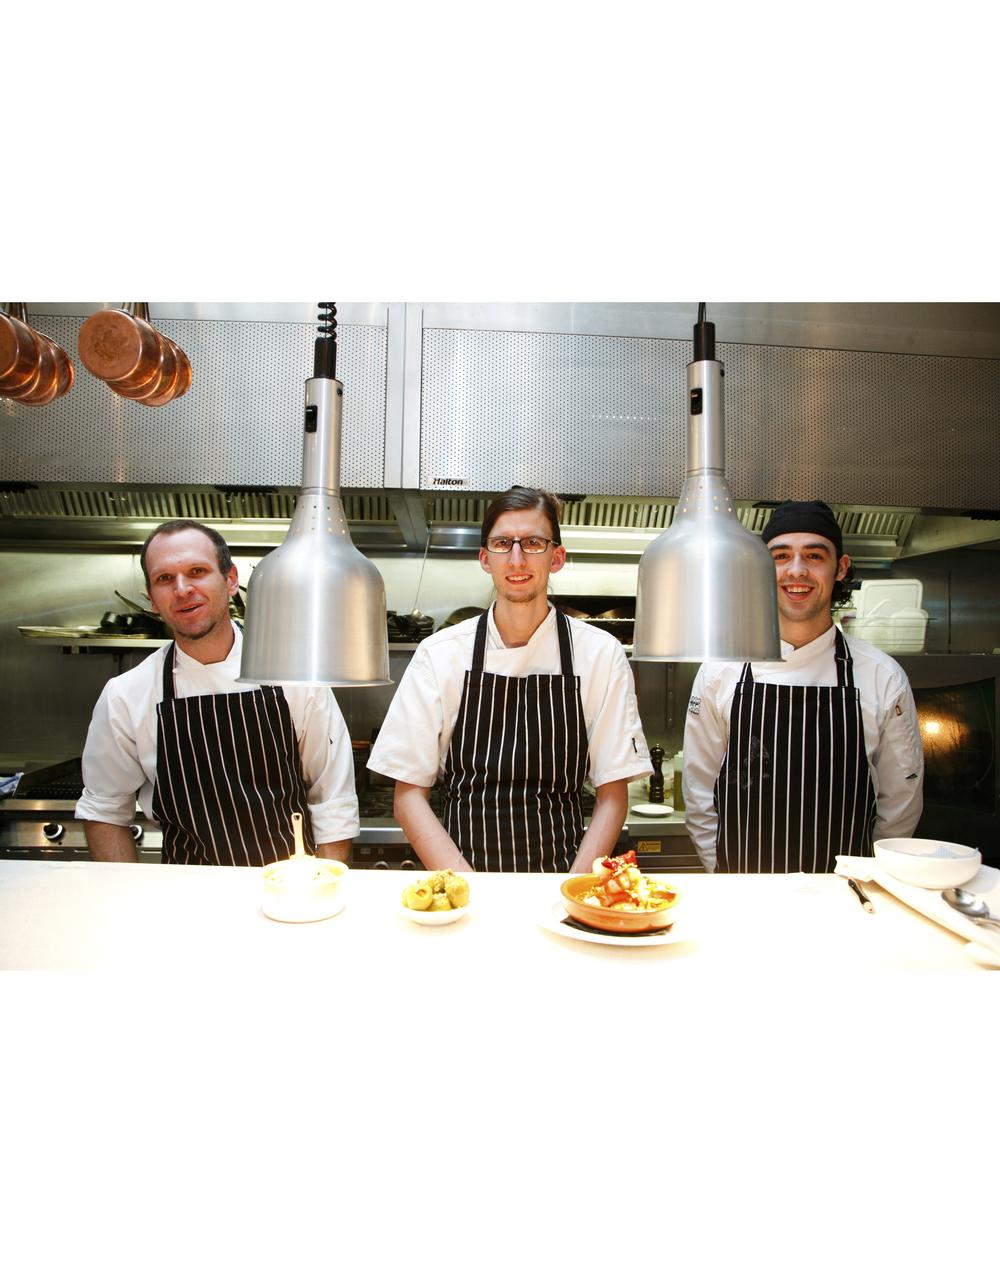 Tierrra Brindisa Chefs.jpg